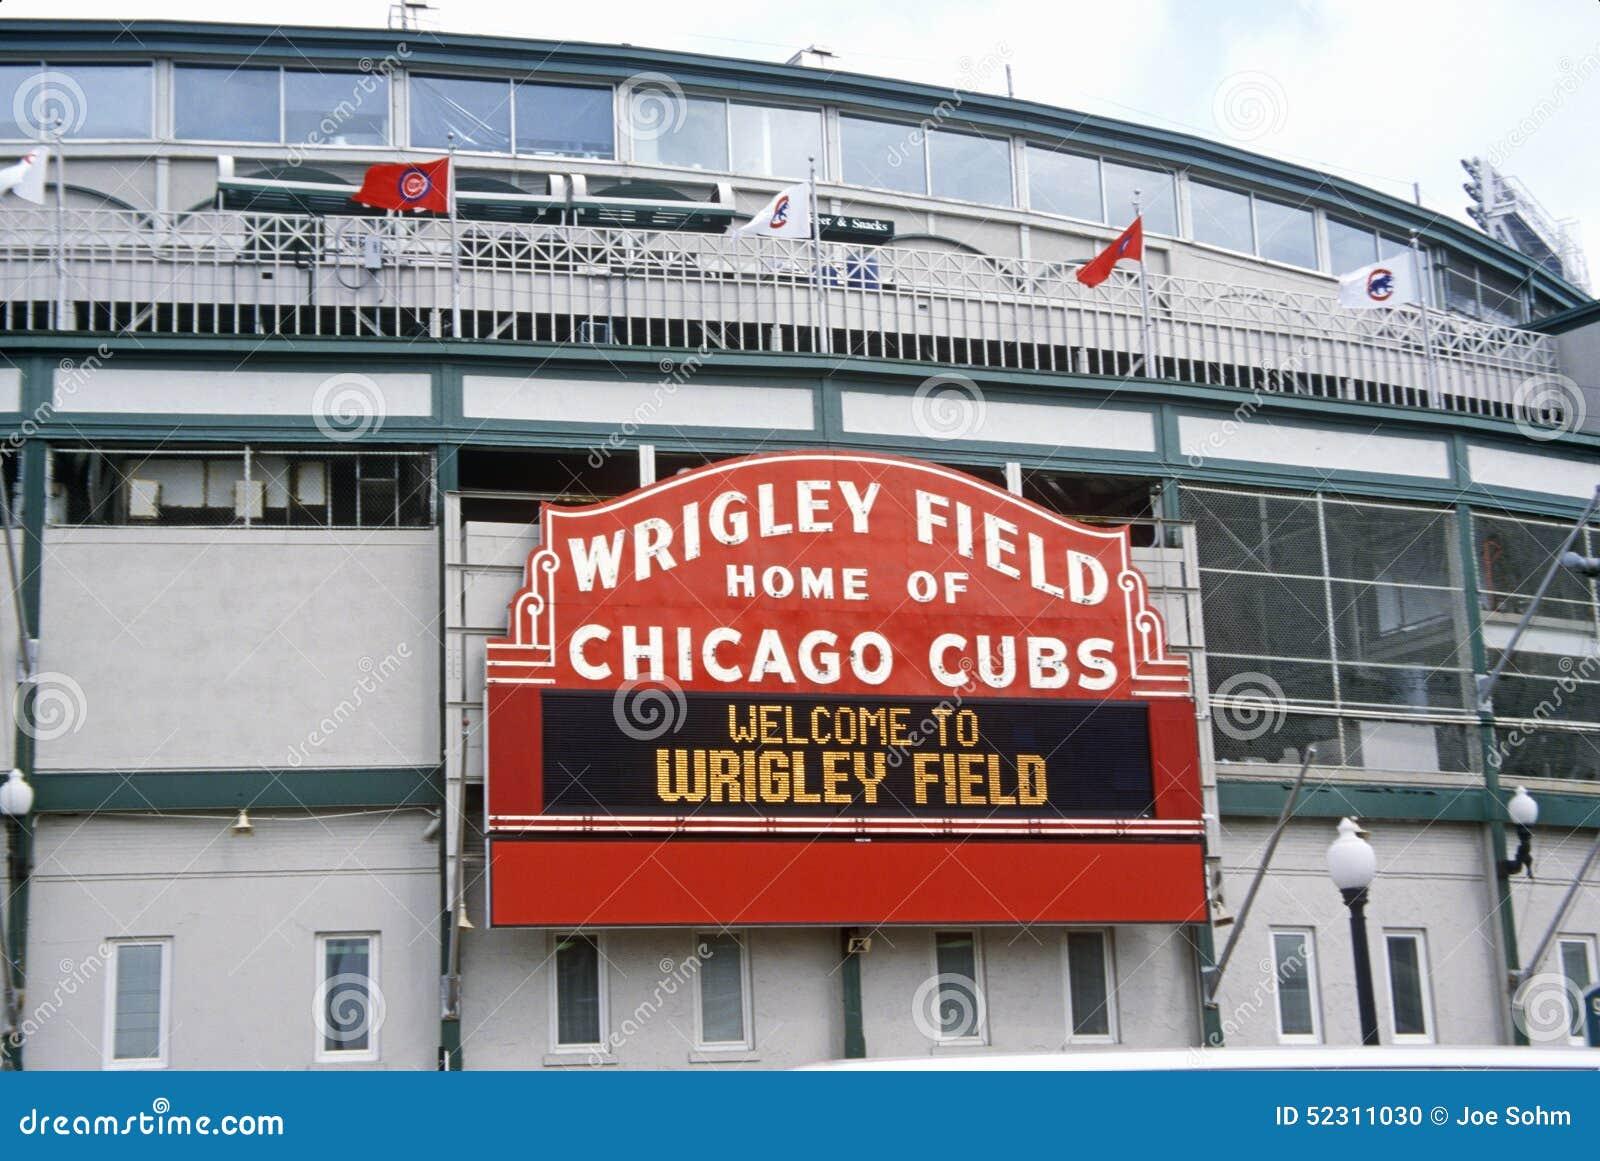 Entrada al campo de Wrigley, hogar de los Chicago Cubs, Chicago, Illinois